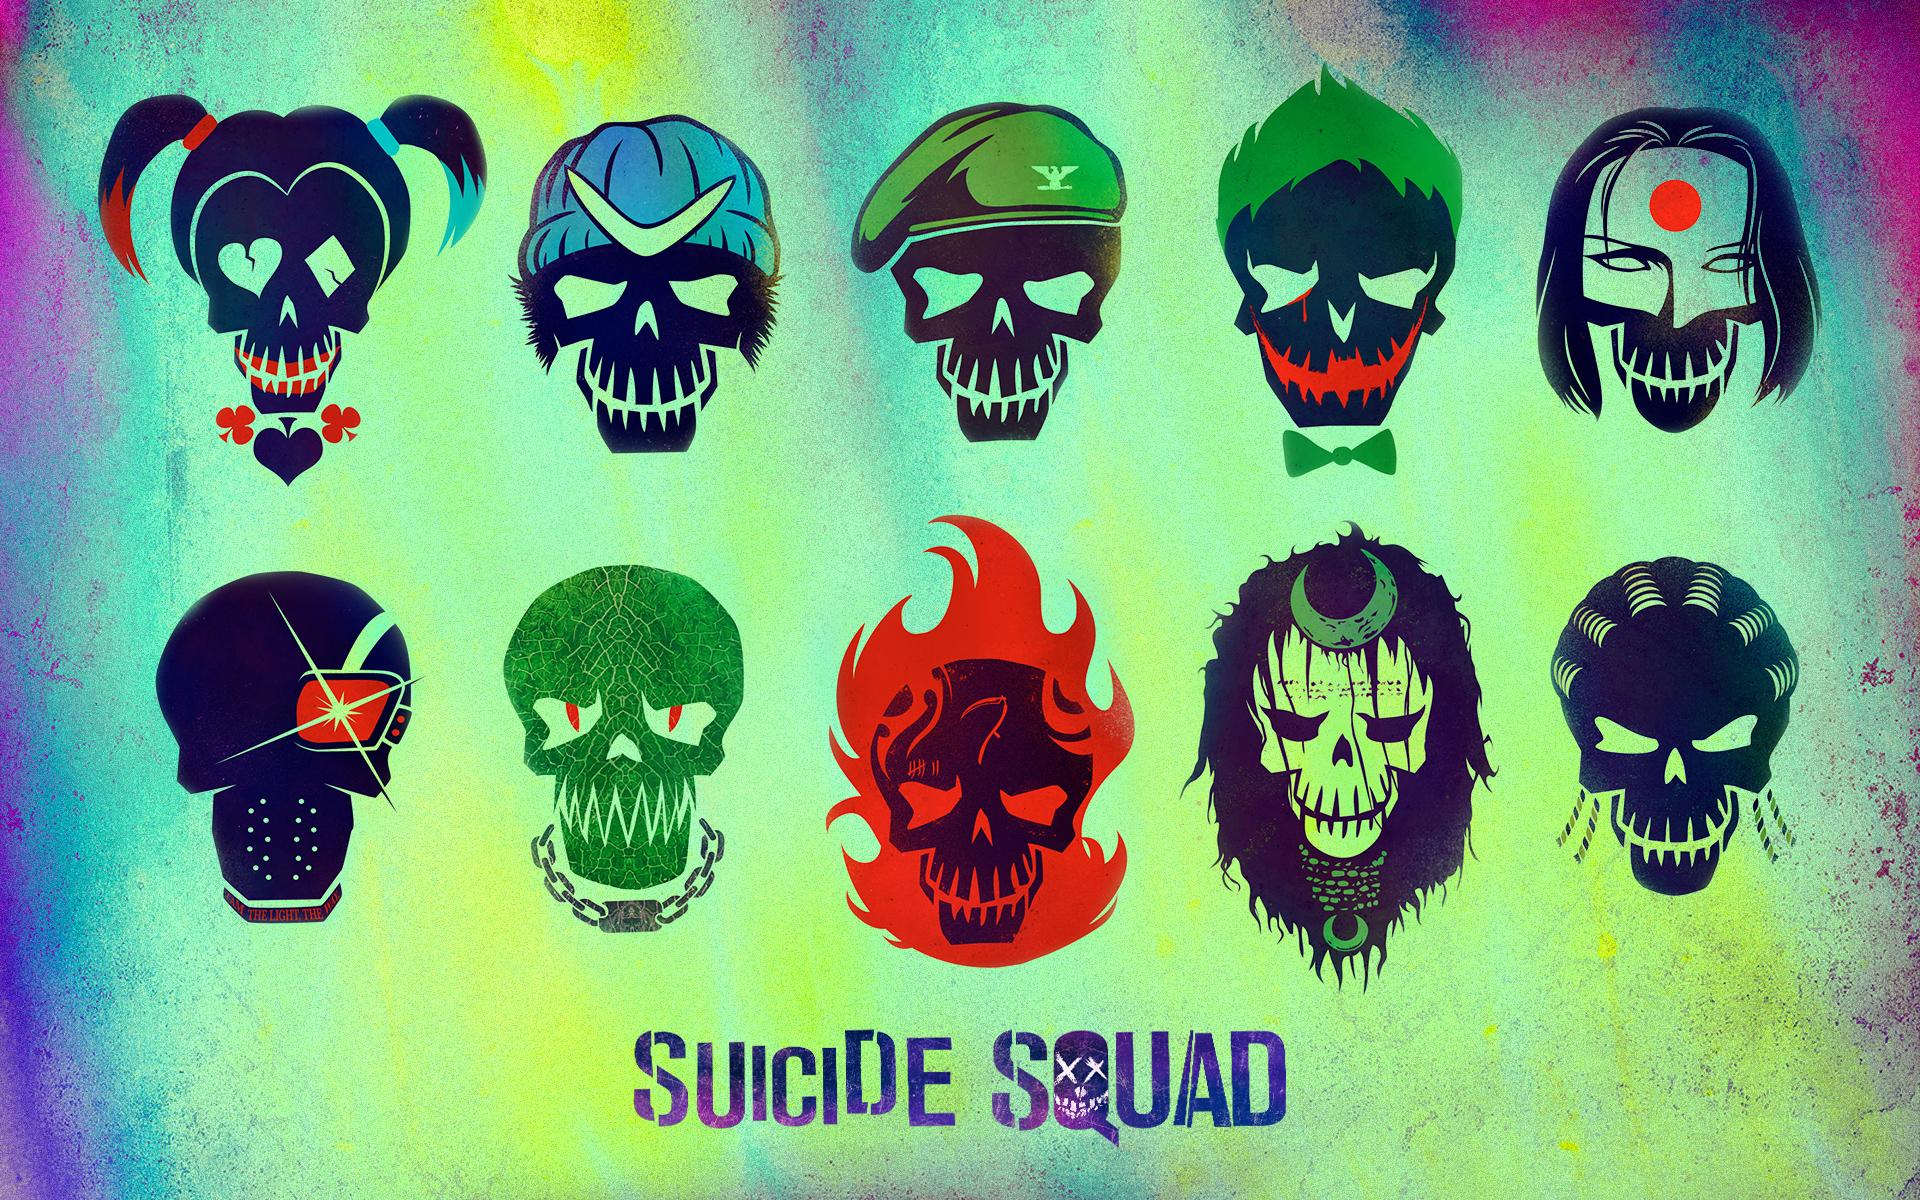 suicidesquad_equipe